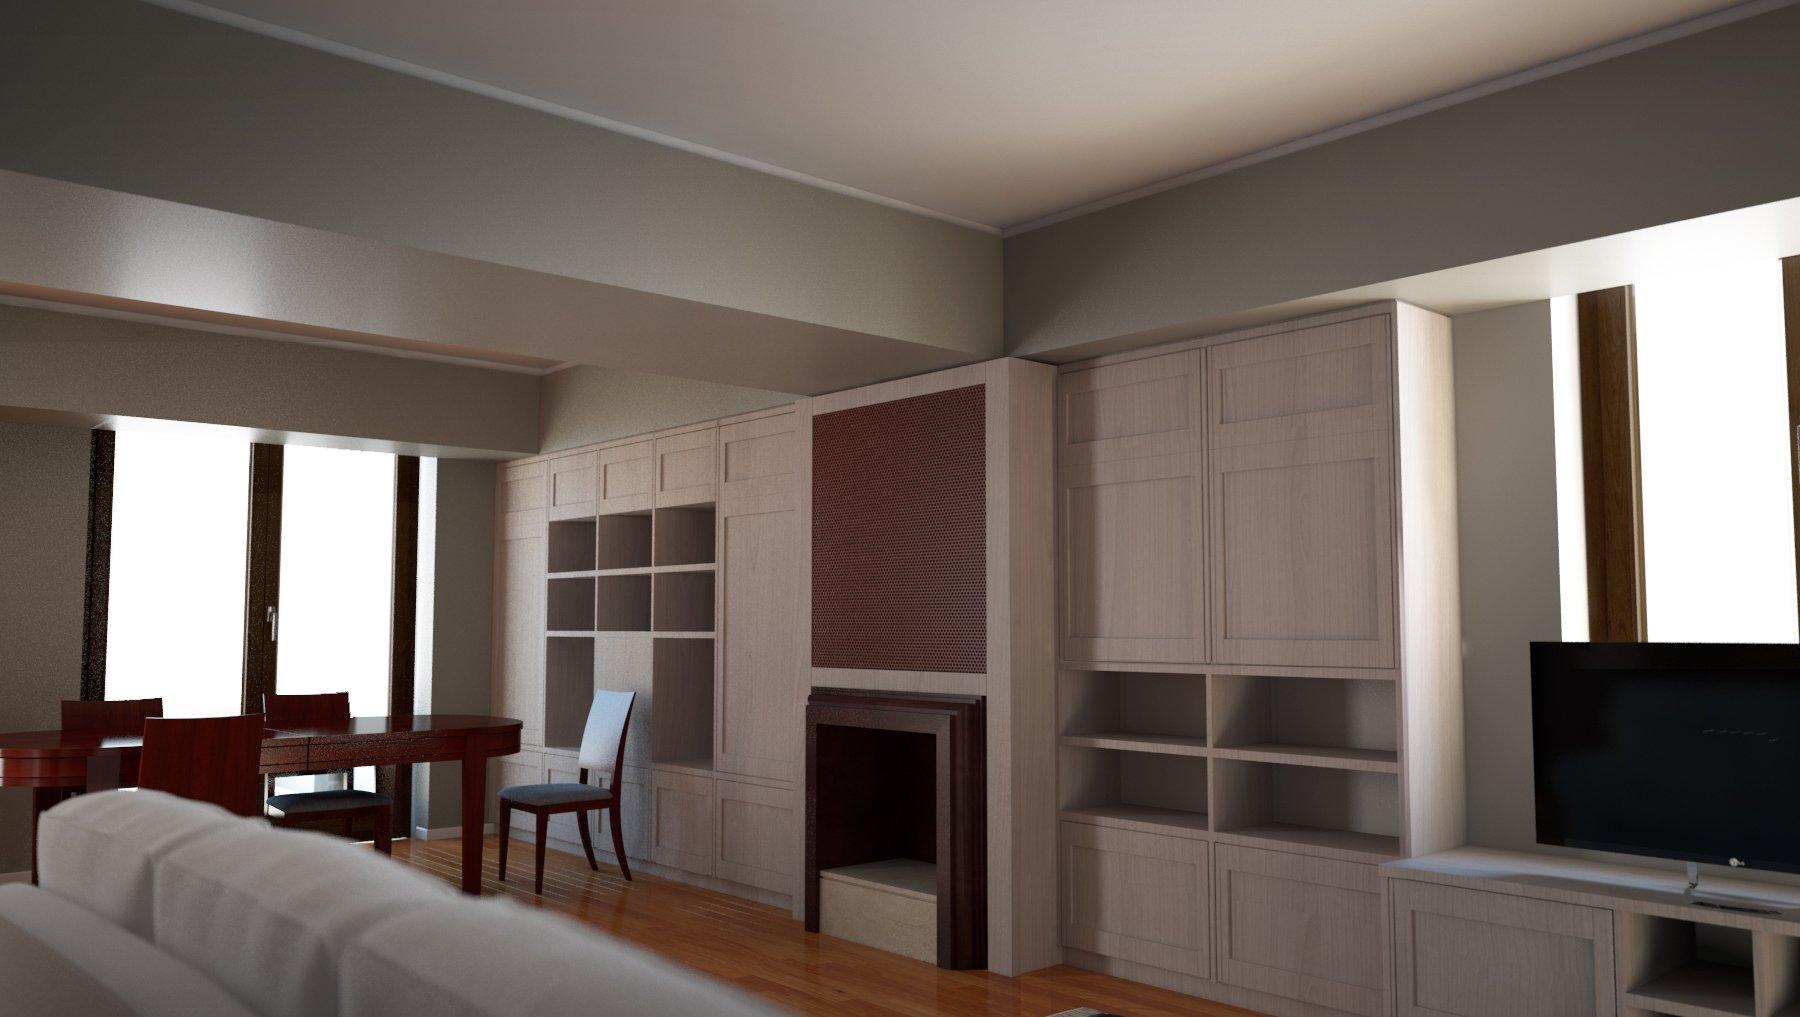 dei mobili in legno di diversi color in un salotto